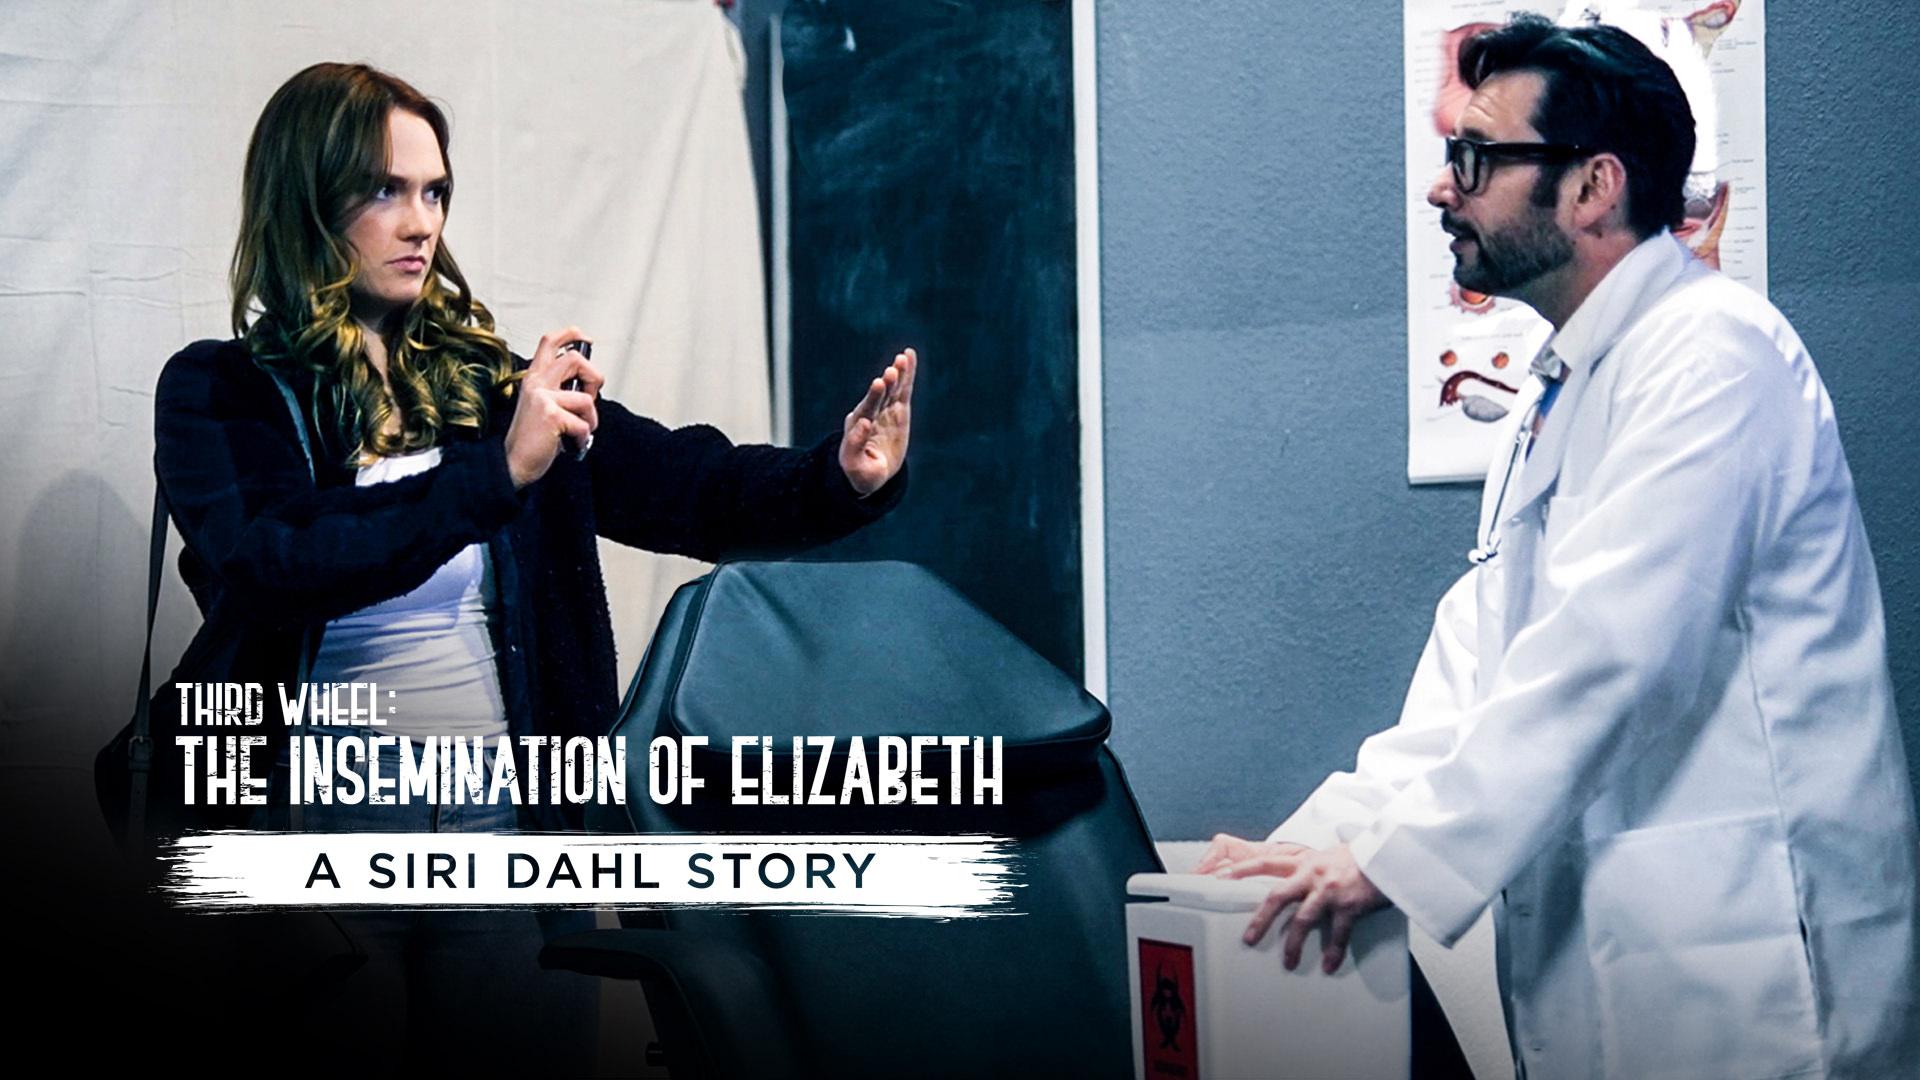 Third Wheel: The Insemination Of Elizabeth -  A Siri Dahl Story